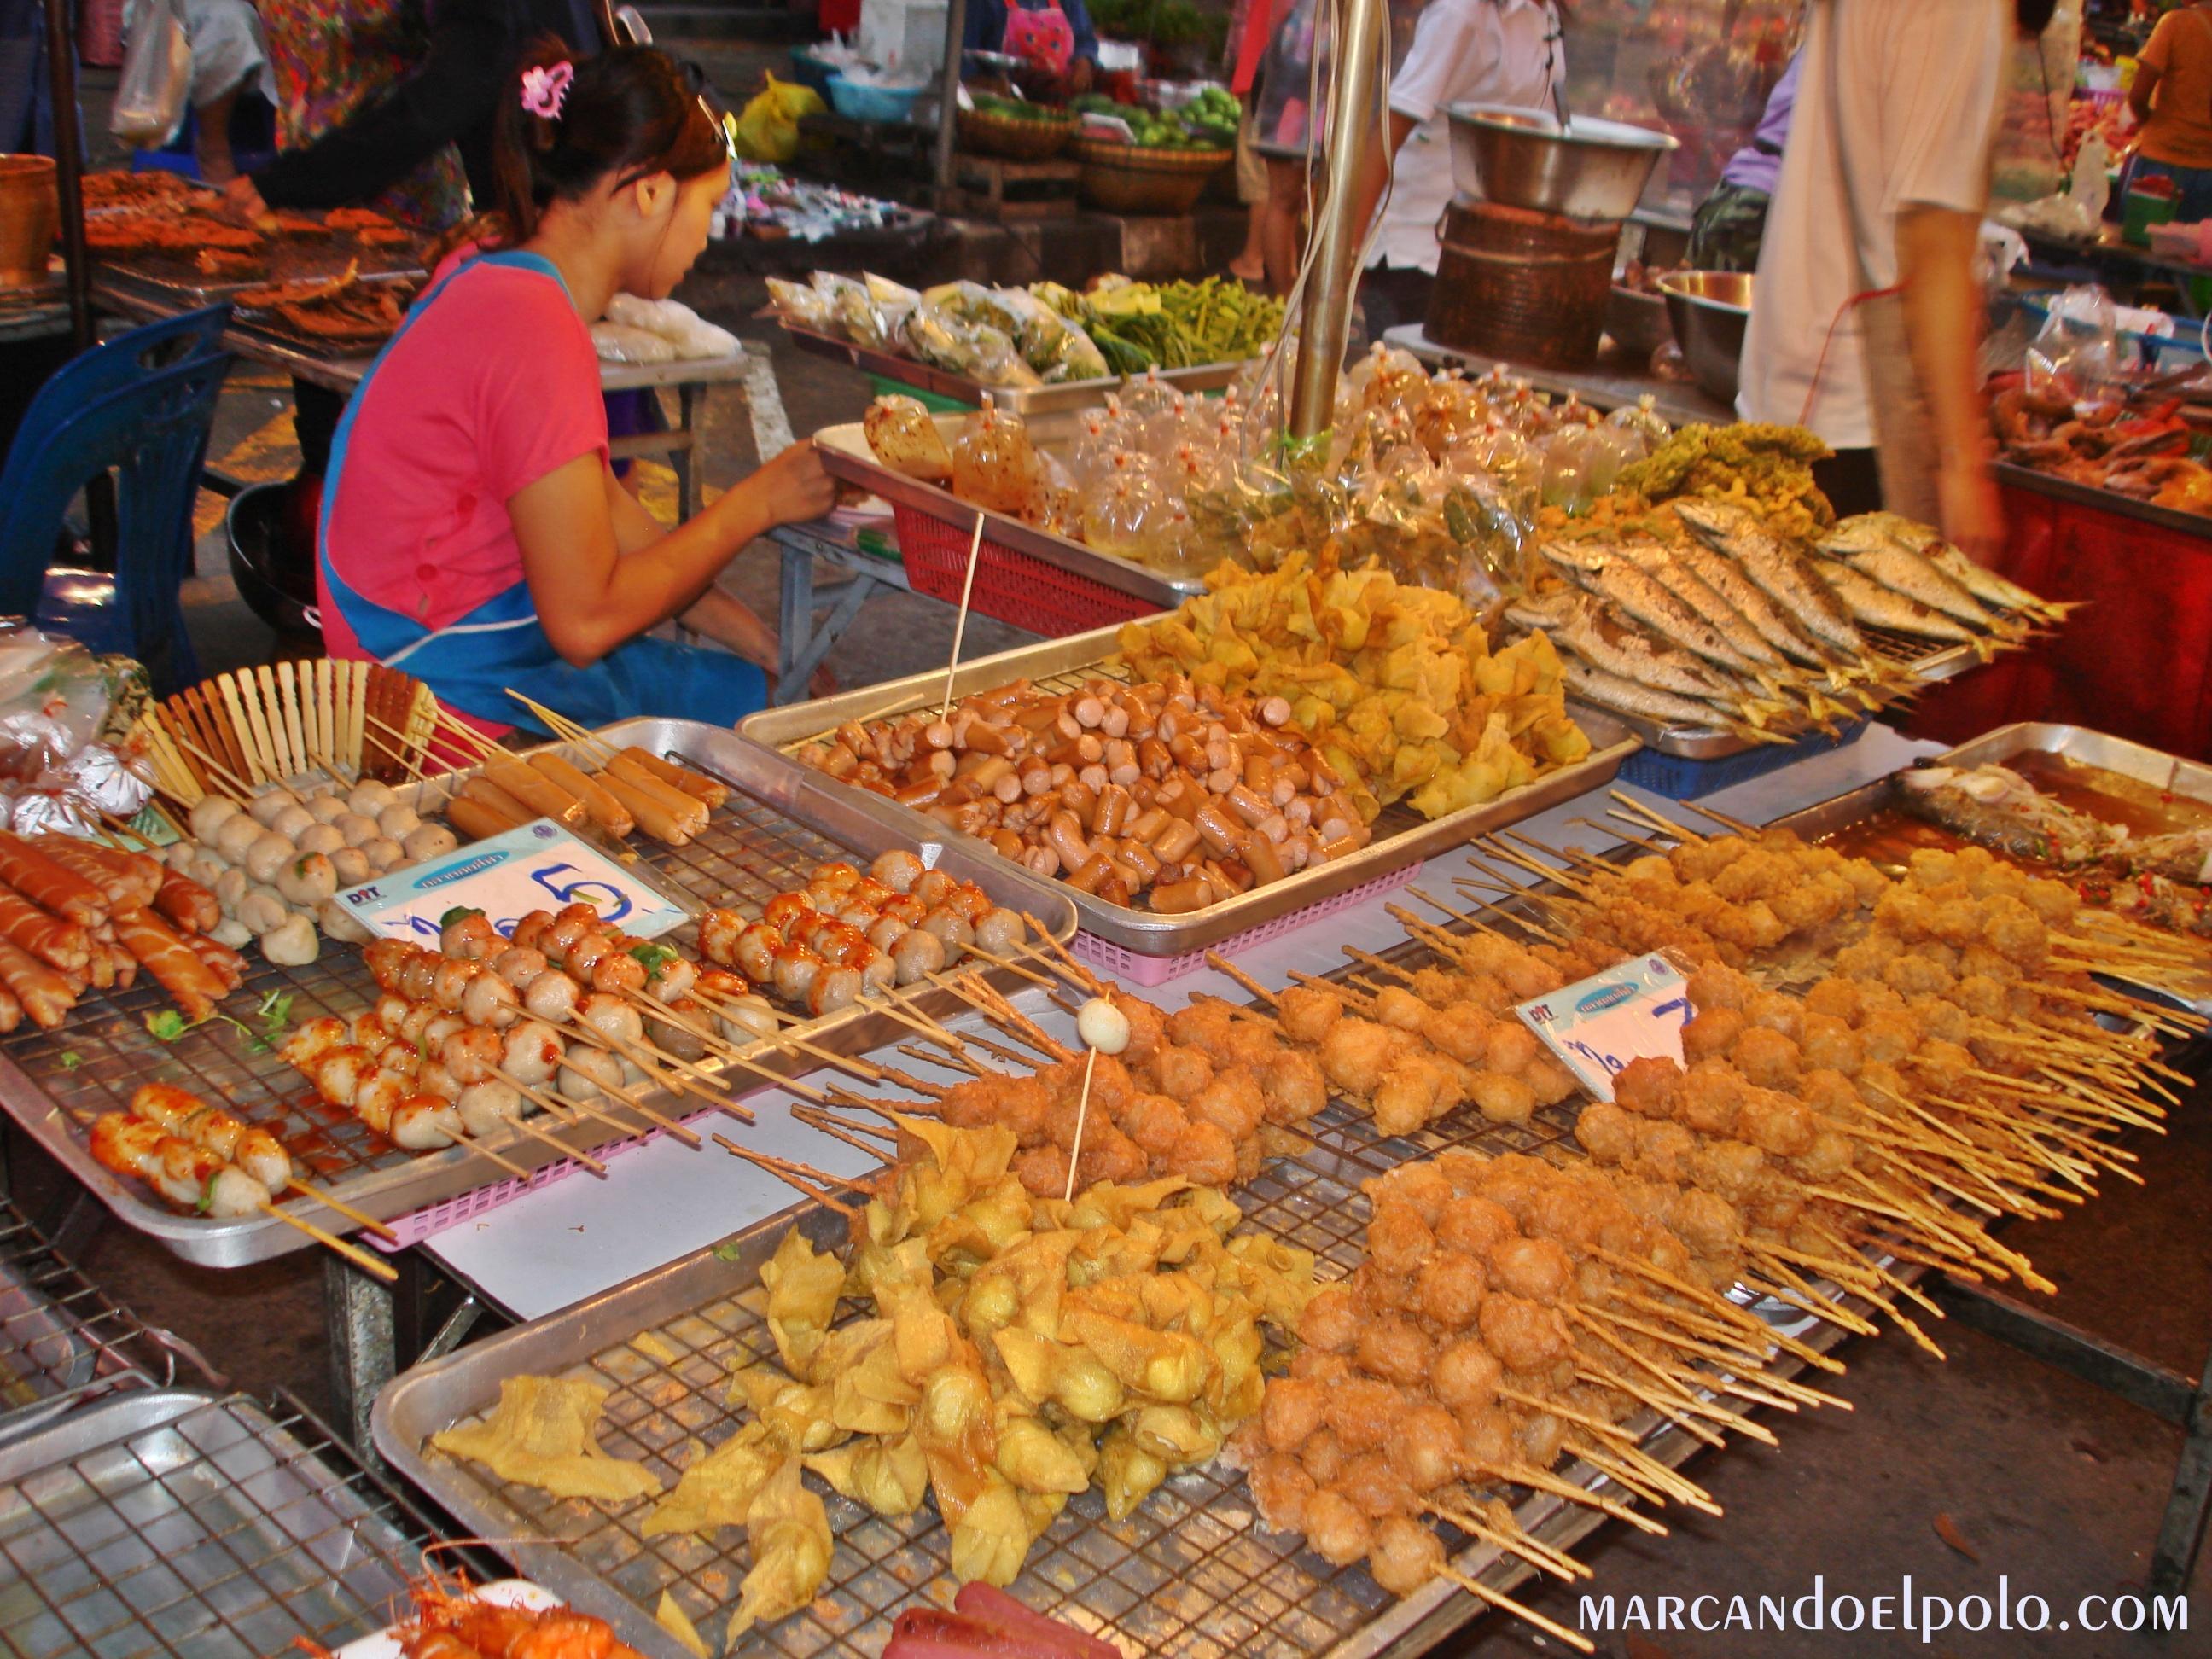 Viajar barato por Asia: comer en los mercados